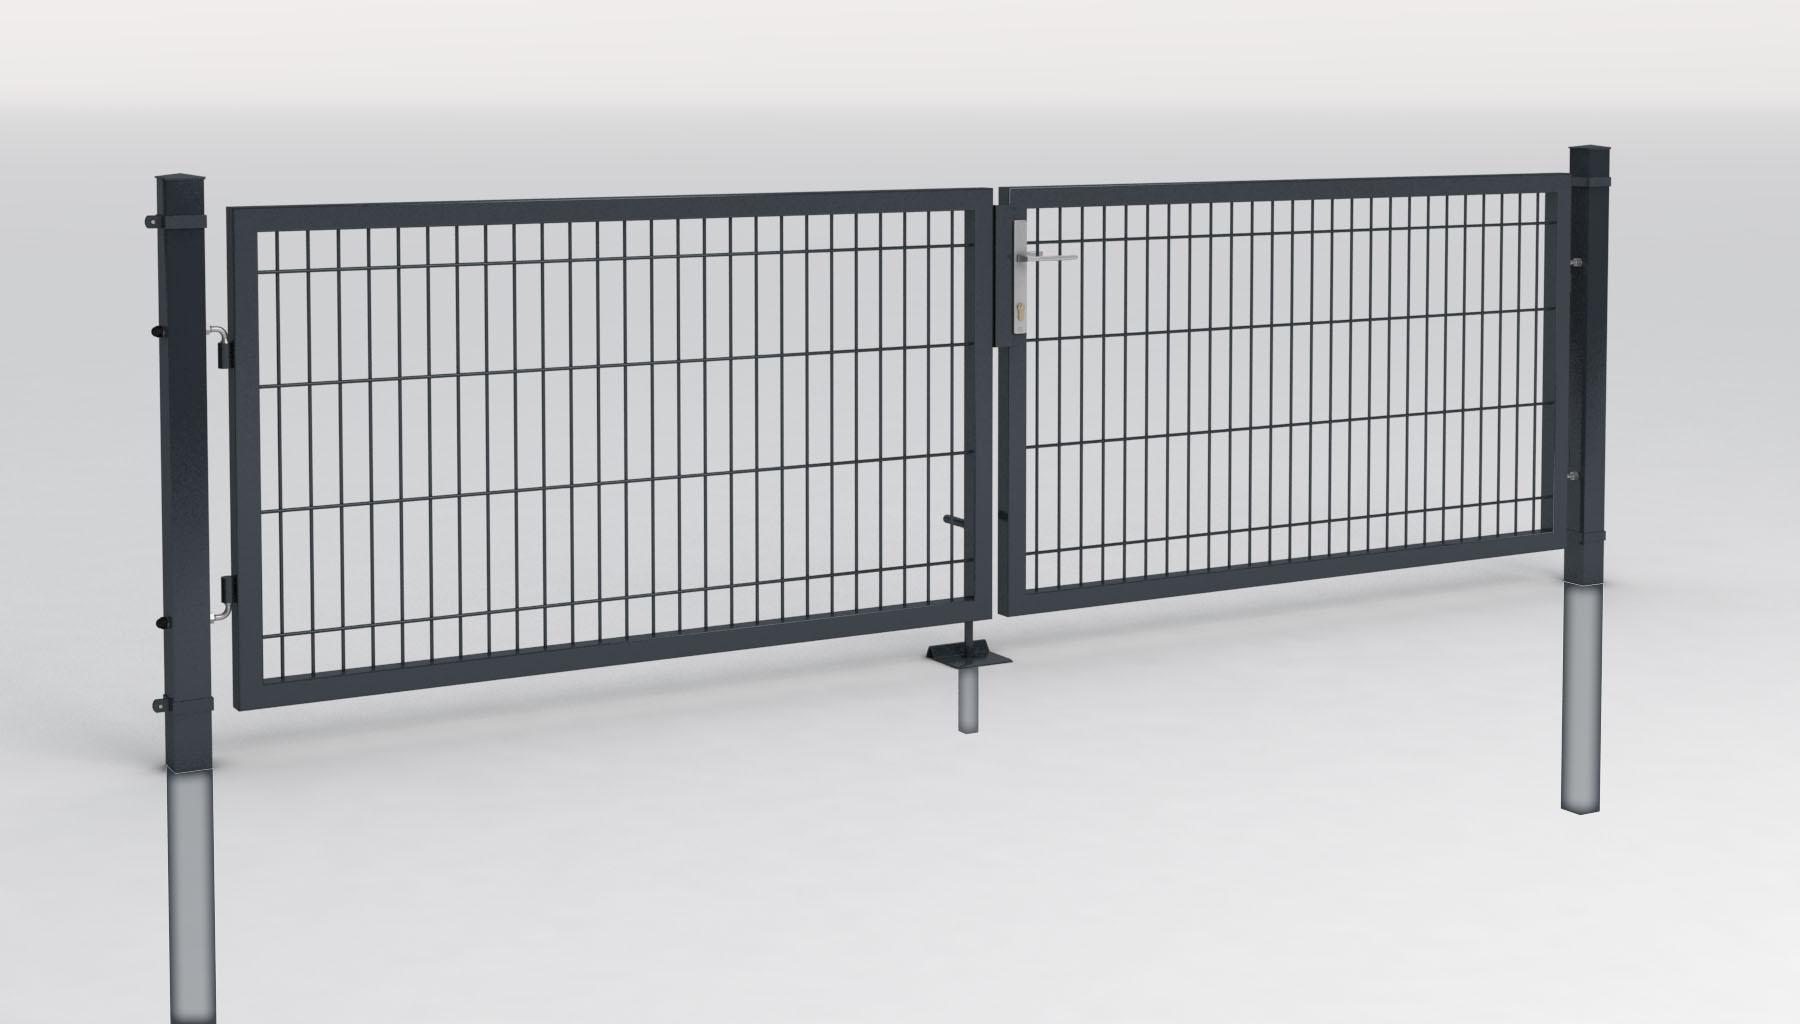 einfahrtstor 2 flg toranlage 3m breit mit gitterf llung zauntor tor gartentor ebay. Black Bedroom Furniture Sets. Home Design Ideas